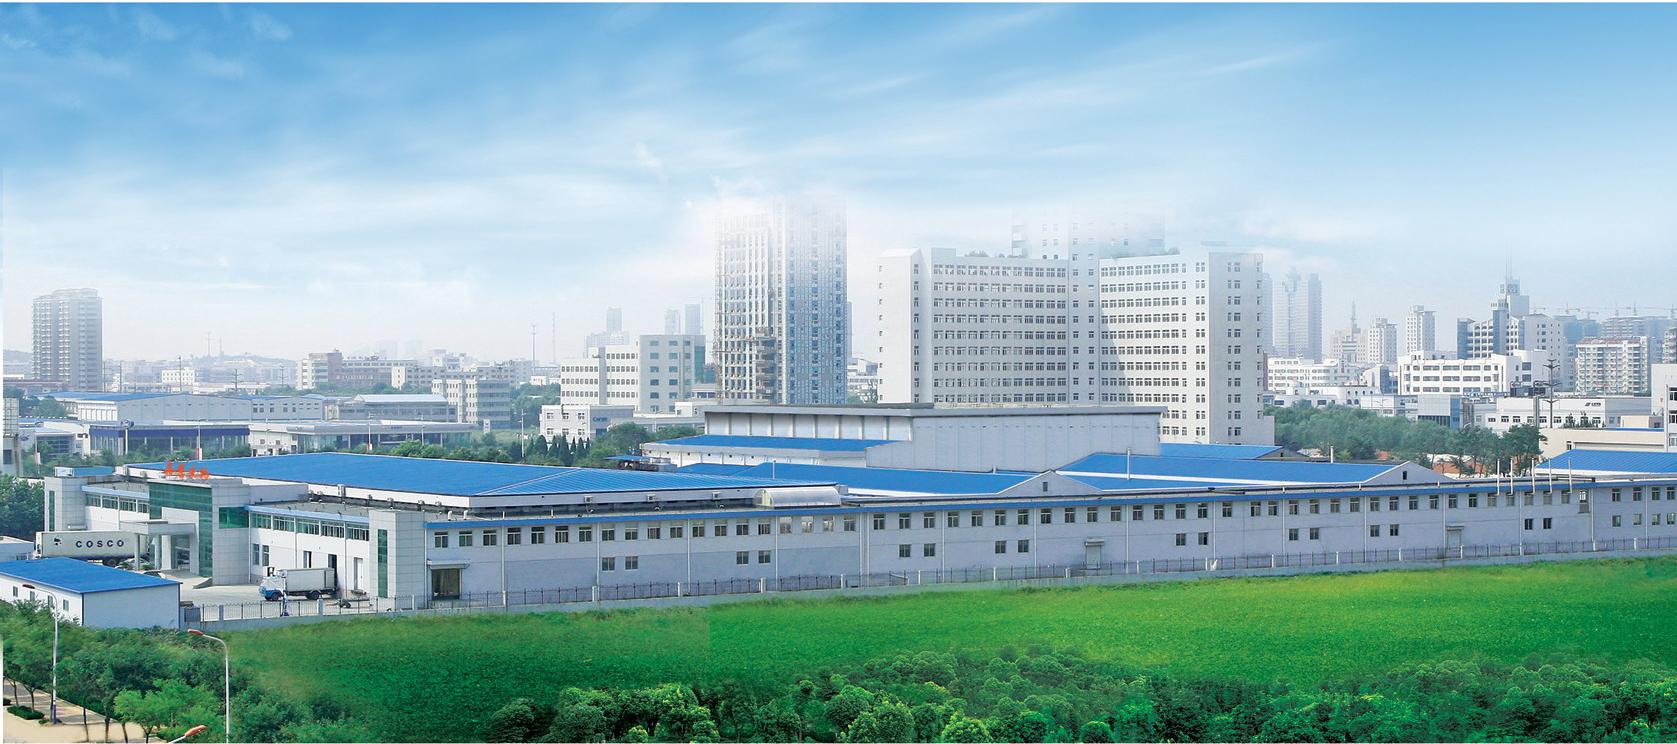 烟台嘉惠海洋生物科技有限公司乔举国